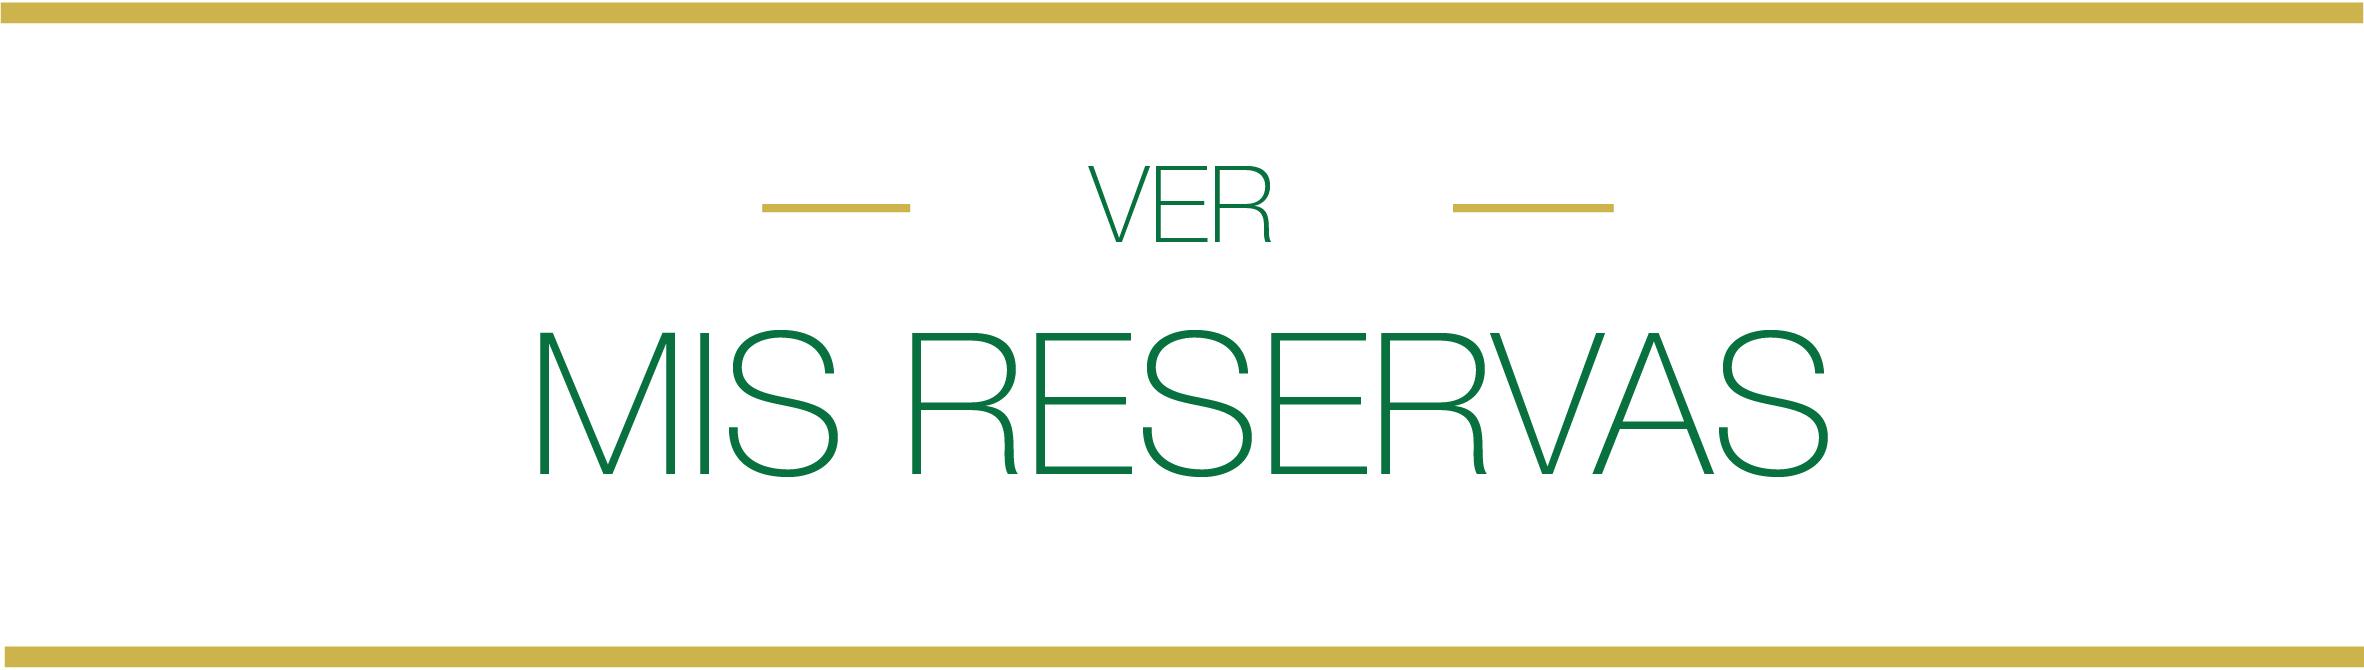 mis reservas